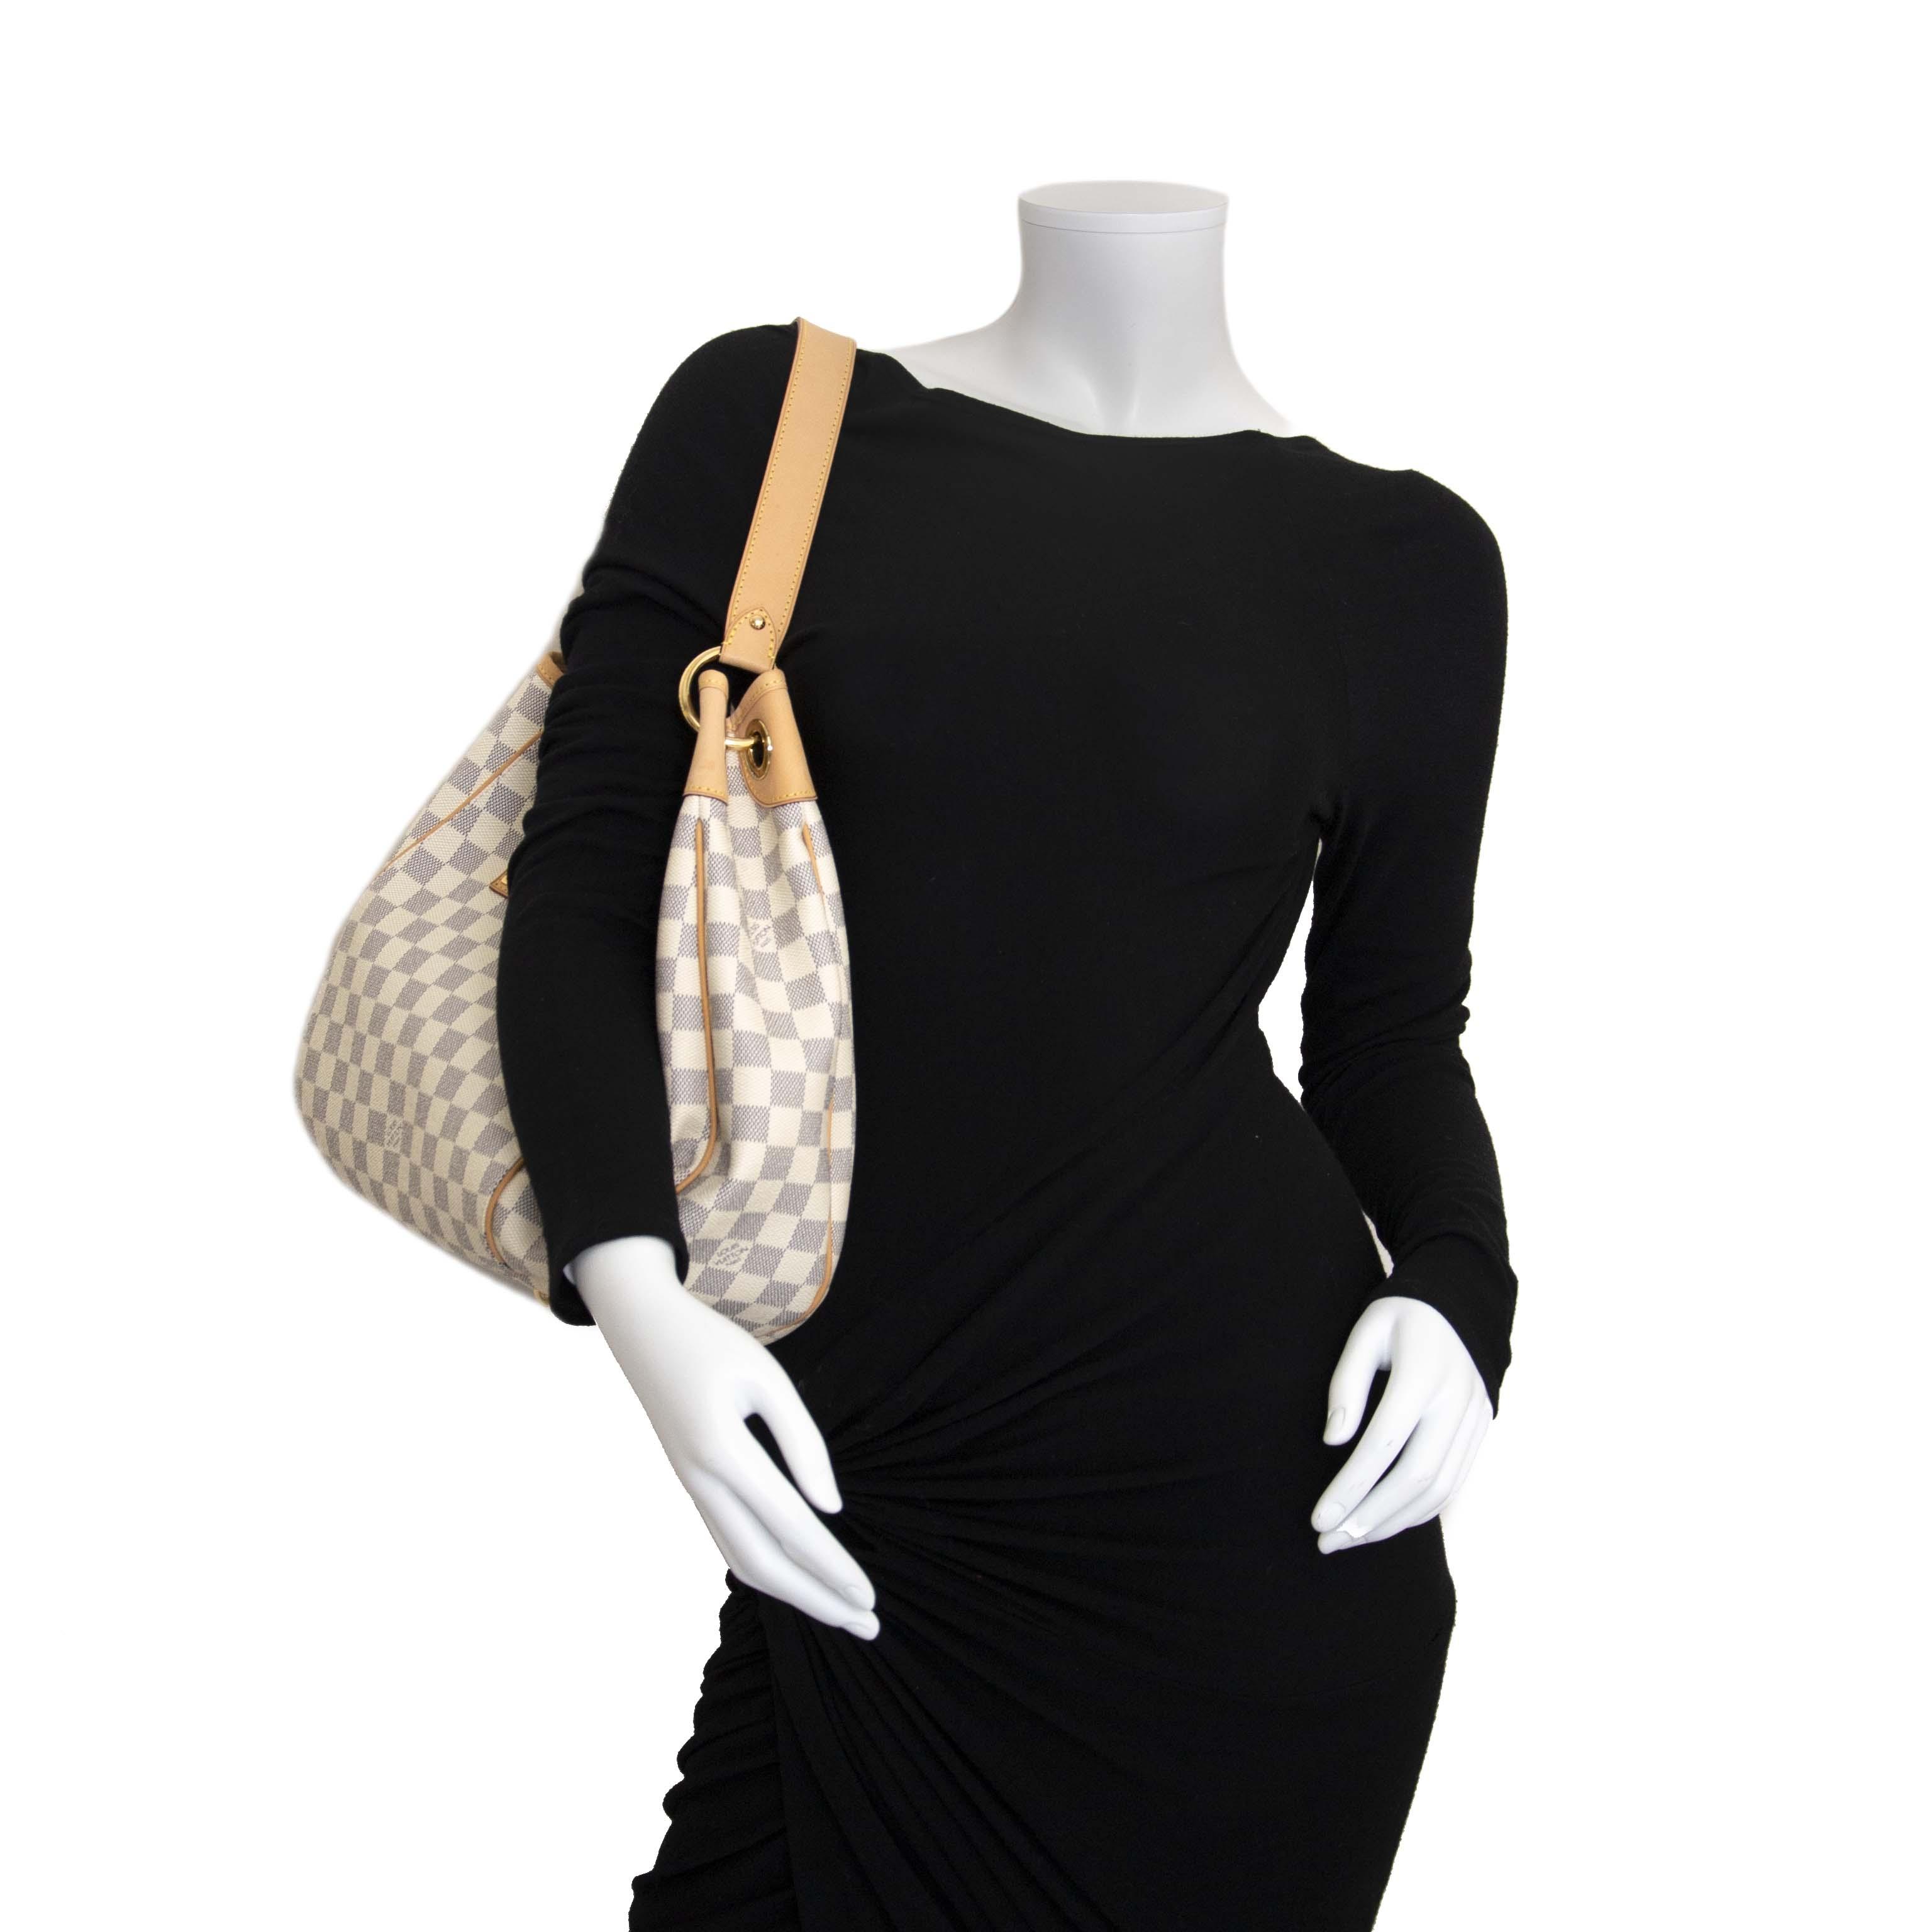 e666b88d6884 ... Louis Vuitton Galliera Beige Shoulder Bag aan de beste prijs kopen bij  Labellov tweedehands luxe